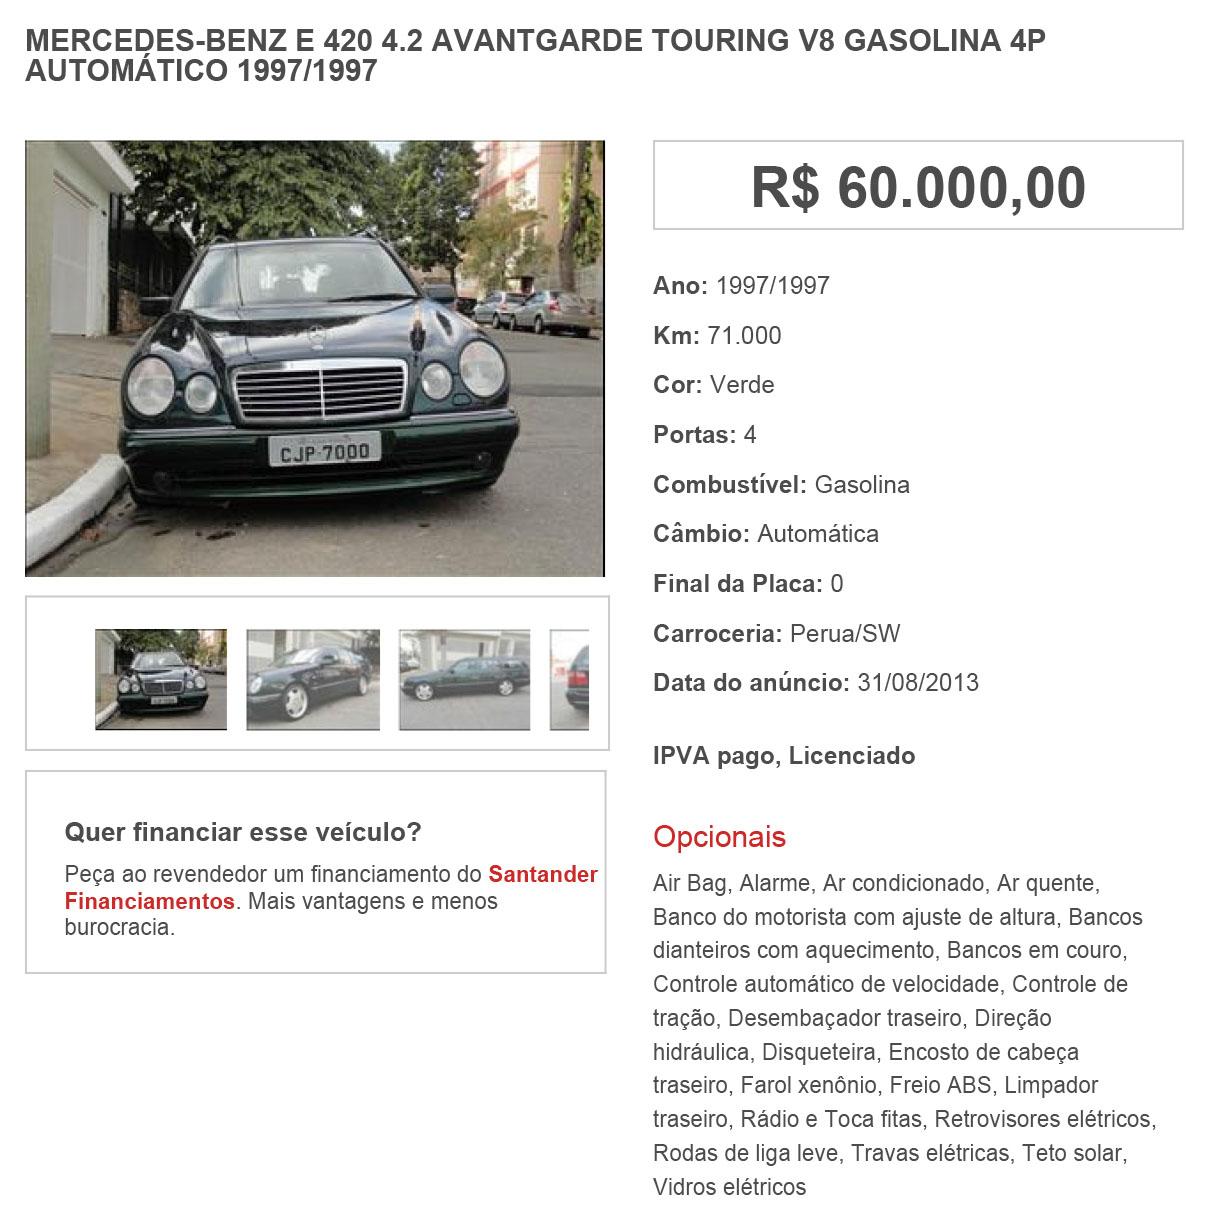 S210 E420 1997 - R$ 60.000,00 1vkm